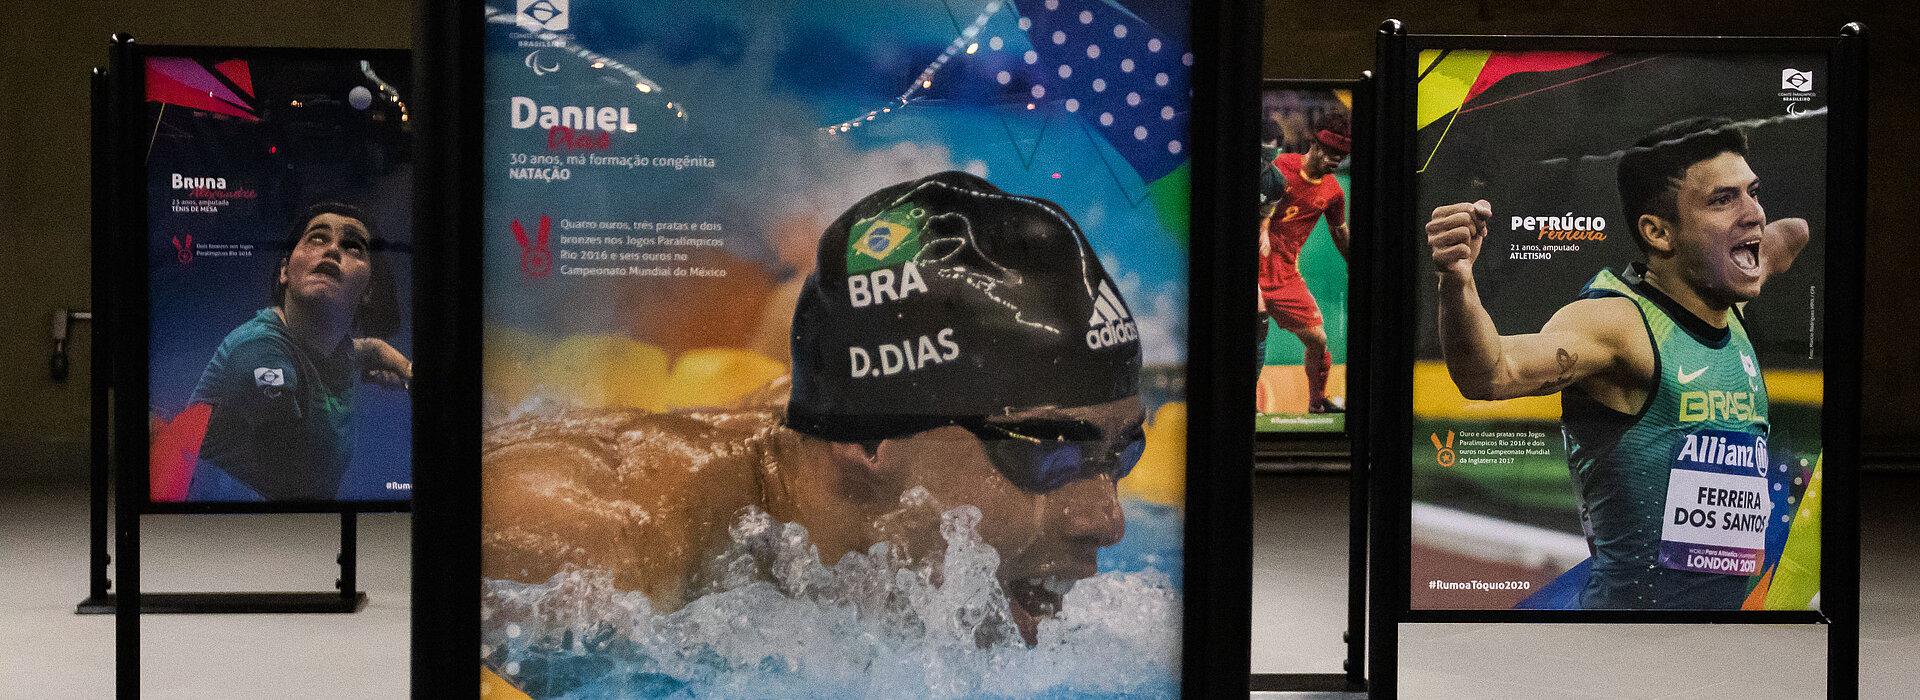 Painéis com fotos dos atletas paralímpicos atuando em suas diversas modalidades